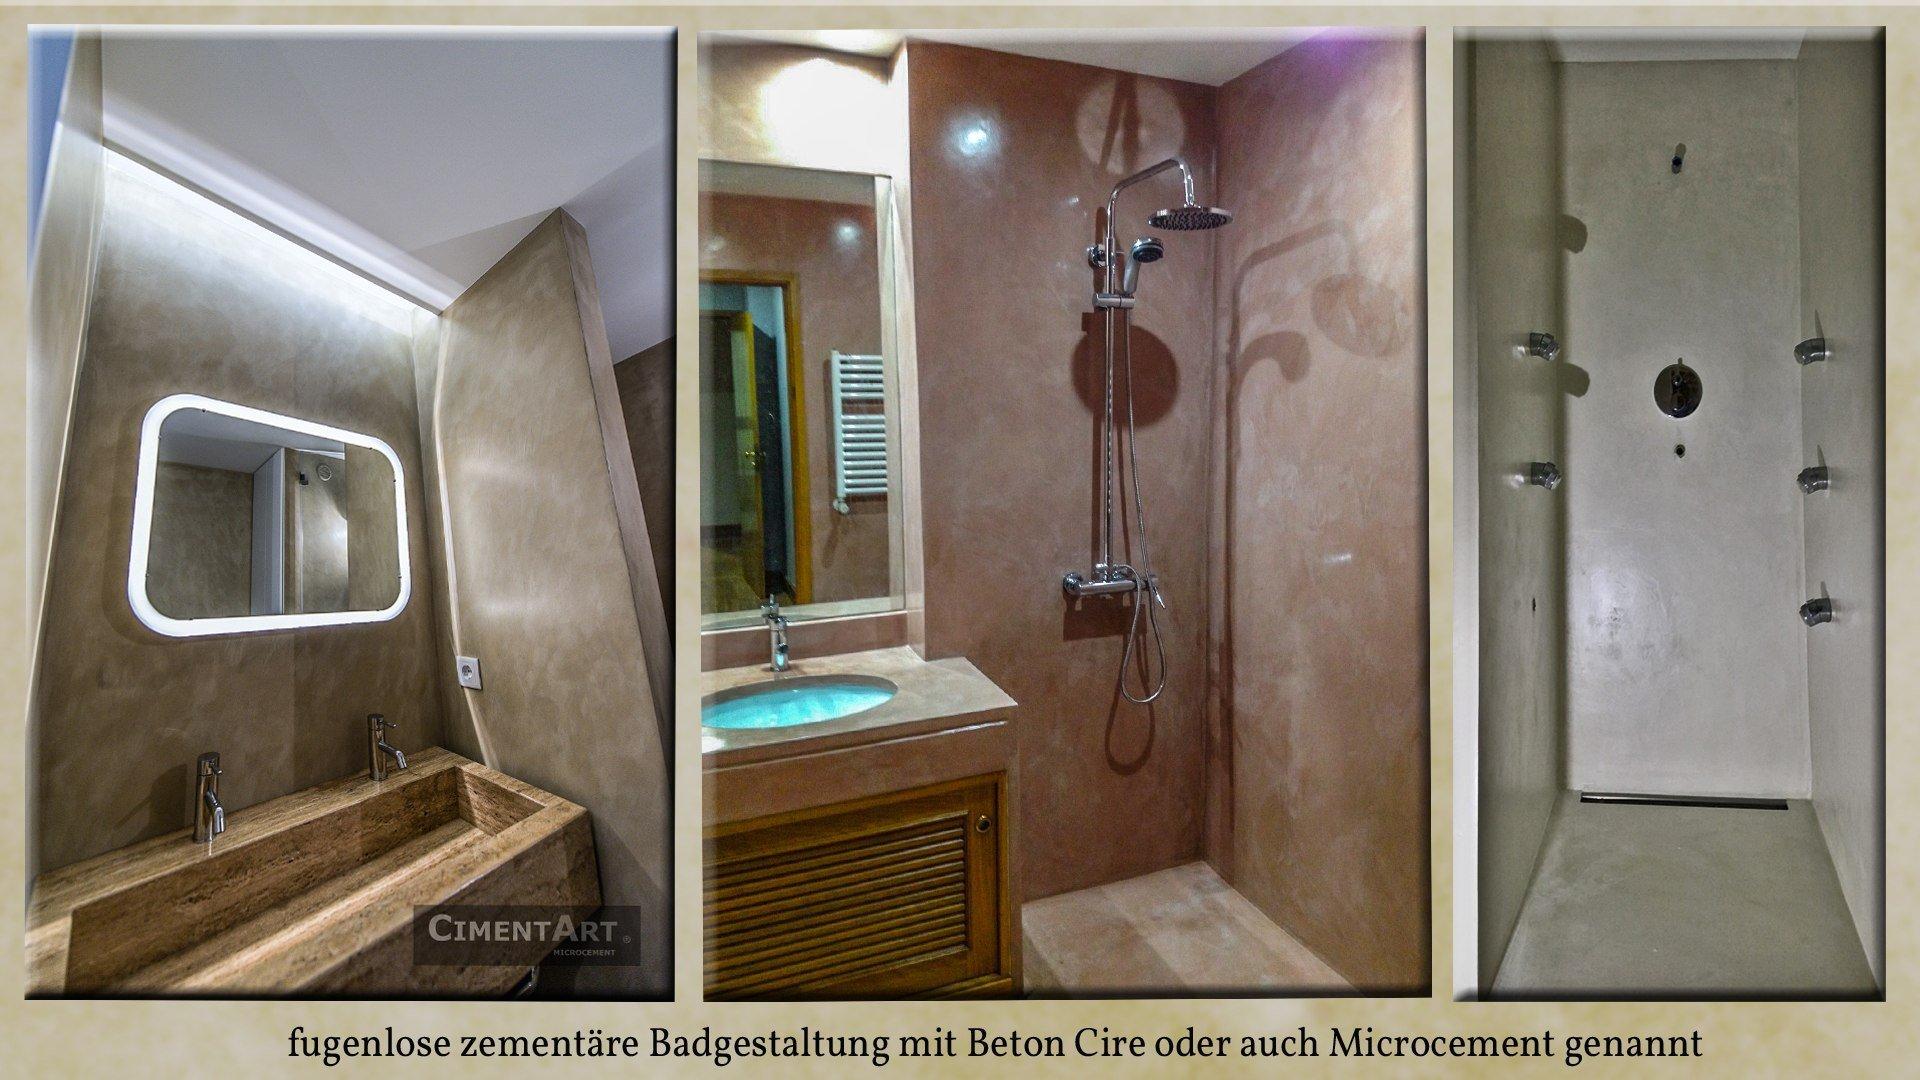 Beton treppen baddesign und spachtelböden mit zementären microcement